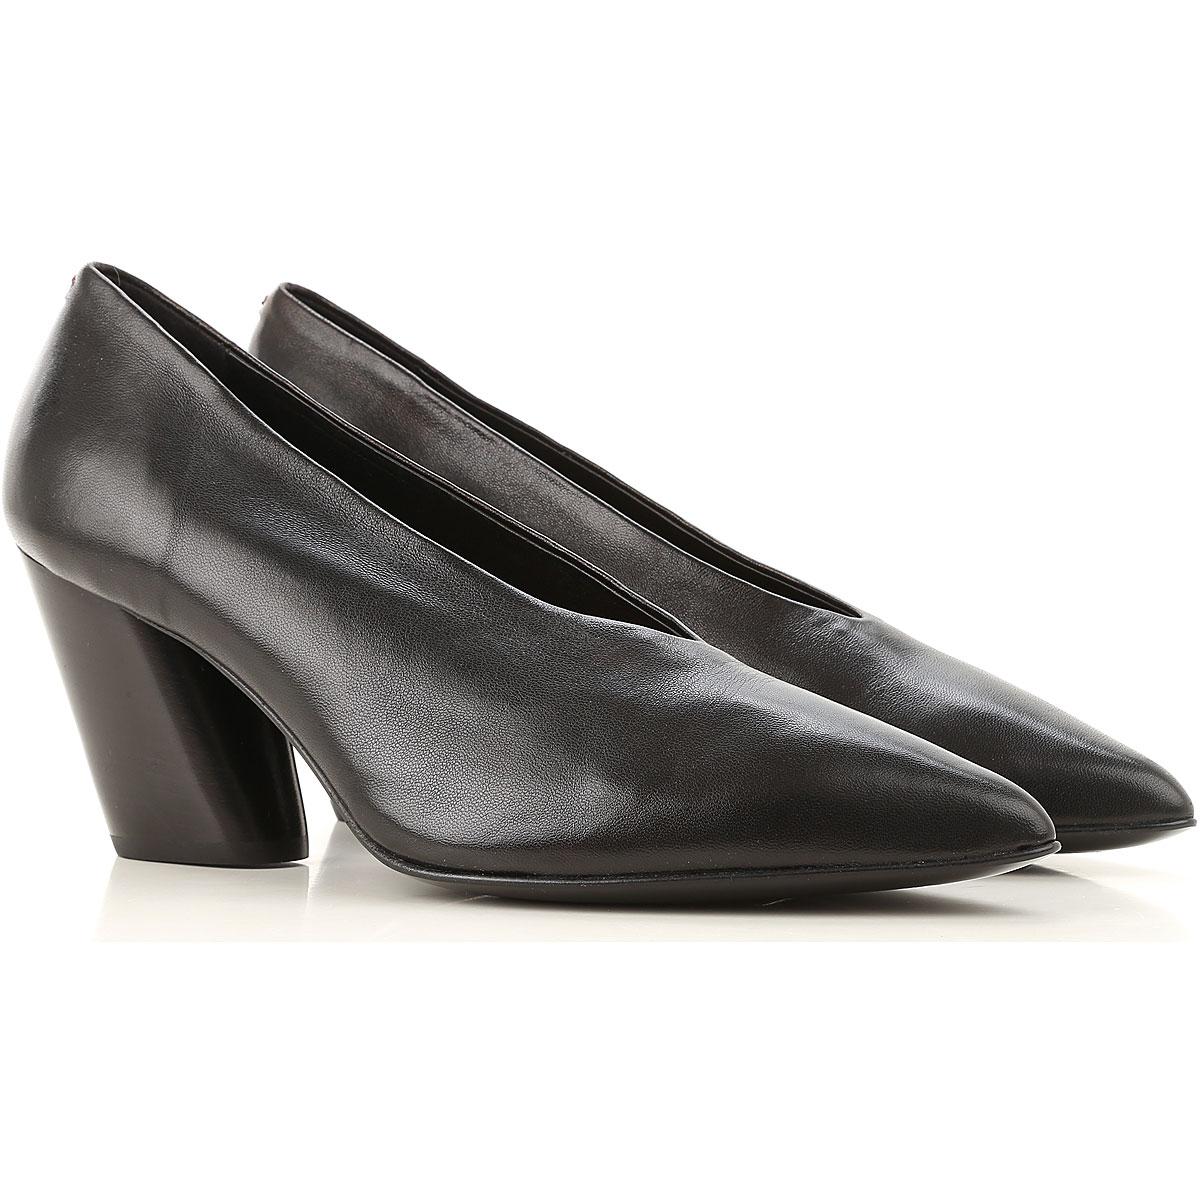 Halmanera Pumps & High Heels for Women, Black, Leather, 2019, 6 7 8 8.5 9